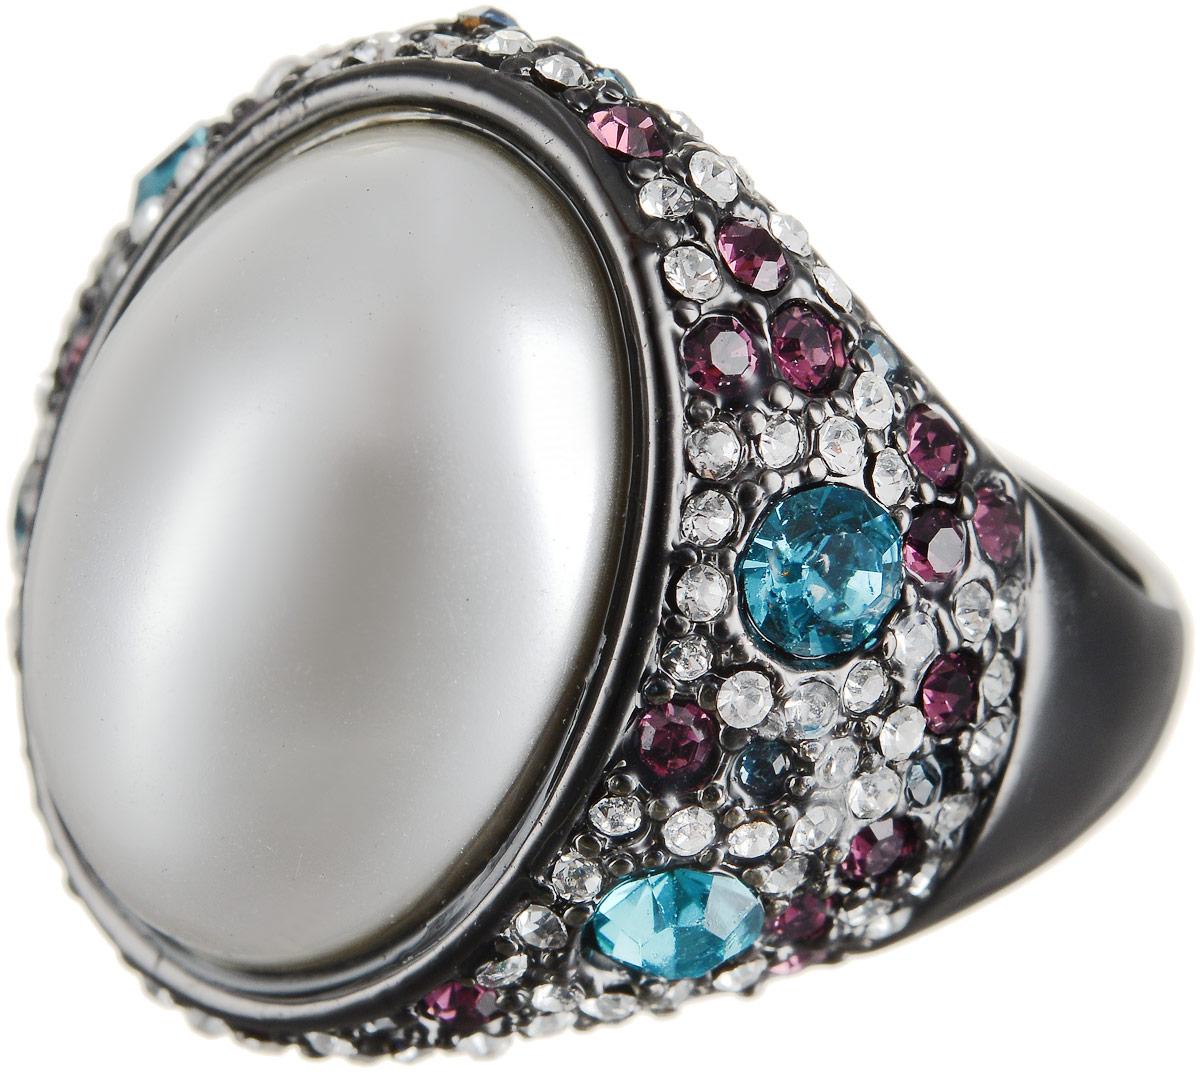 Кольцо Art-Silver, цвет: черный, перламутровый. 066079-601-1202. Размер 16,5Коктейльное кольцоОригинальное кольцо Art-Silver выполнено из бижутерного сплава с гальваническим покрытием. Кольцо украшено декоративными вставками.Элегантное кольцо Art-Silver превосходно дополнит ваш образ и подчеркнет отменное чувство стиля своей обладательницы.